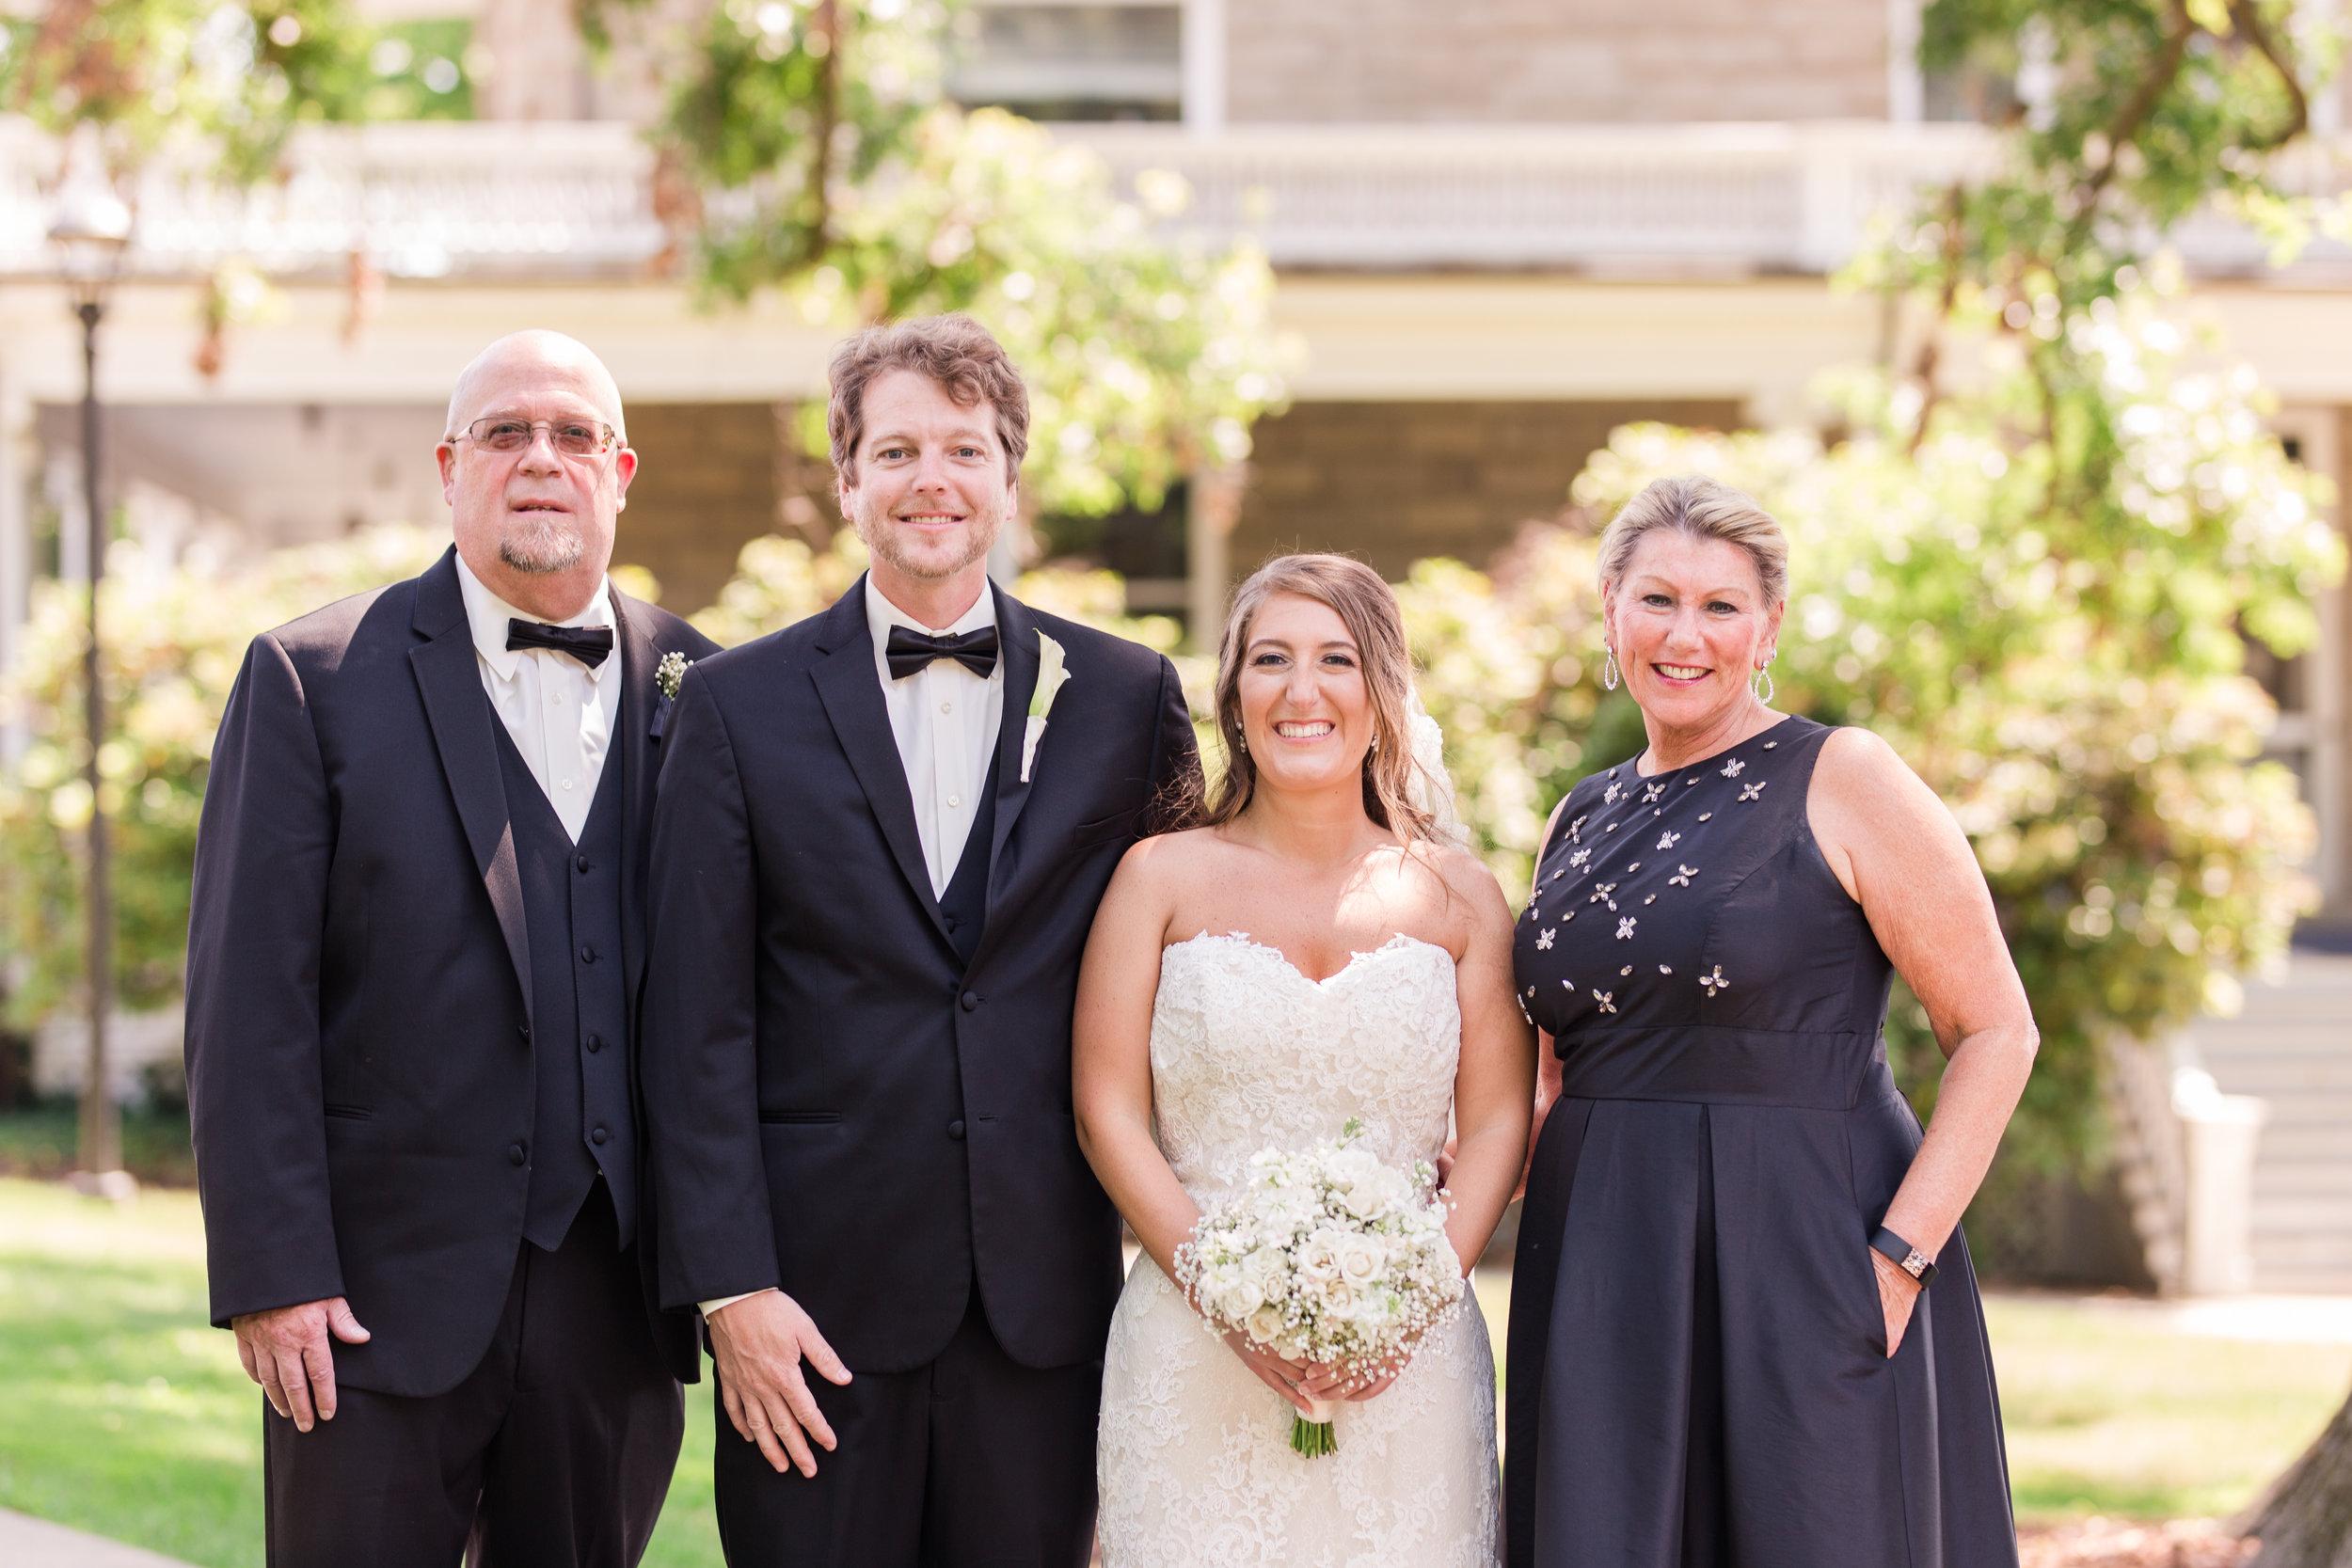 family formals-107.jpg